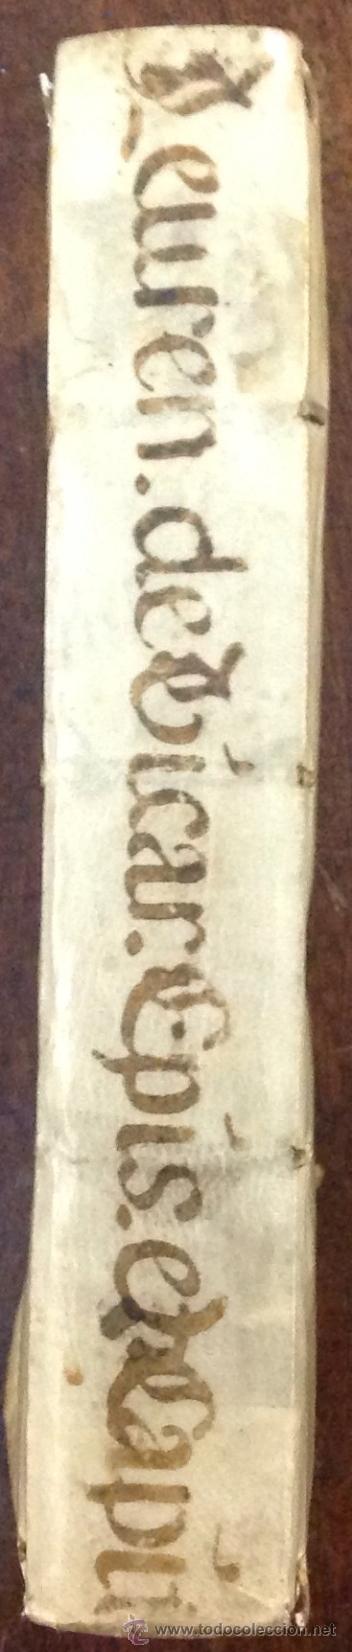 Libros antiguos: PETRI LEURENII. TRACTATUS QUATERNARIUS DE EPISCOPORUM VICARIIS.... VENETIIS, 1709. Enc. en pergamino - Foto 2 - 39824811